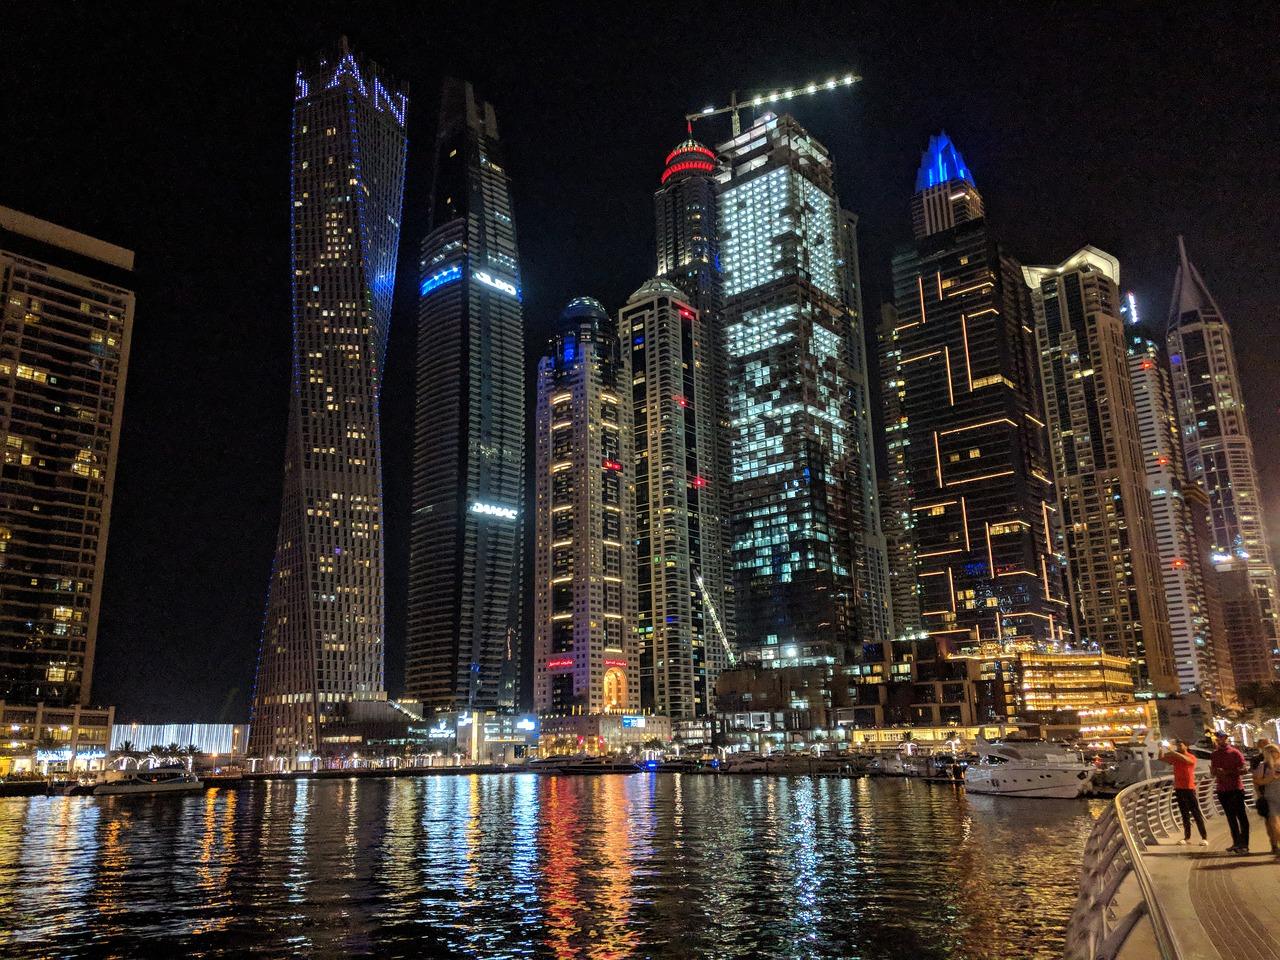 アラブ首長国連邦 ドバイ エミレーツ航空 - Pixabayの無料写真